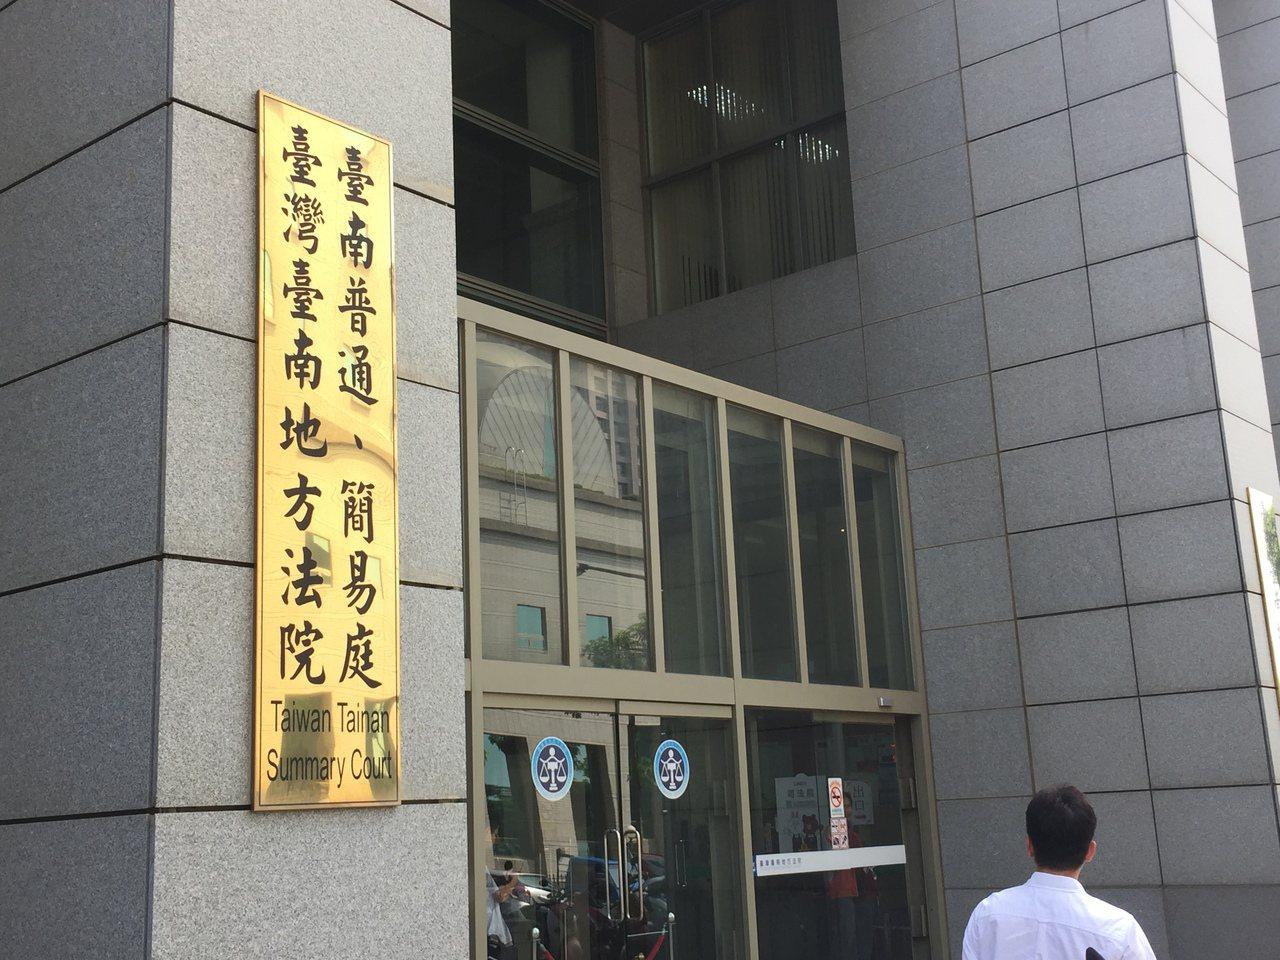 台南地院認陳姓網咖男店員對於14歲以上未滿16歲女子為性交,應處6月徒刑,可上訴...